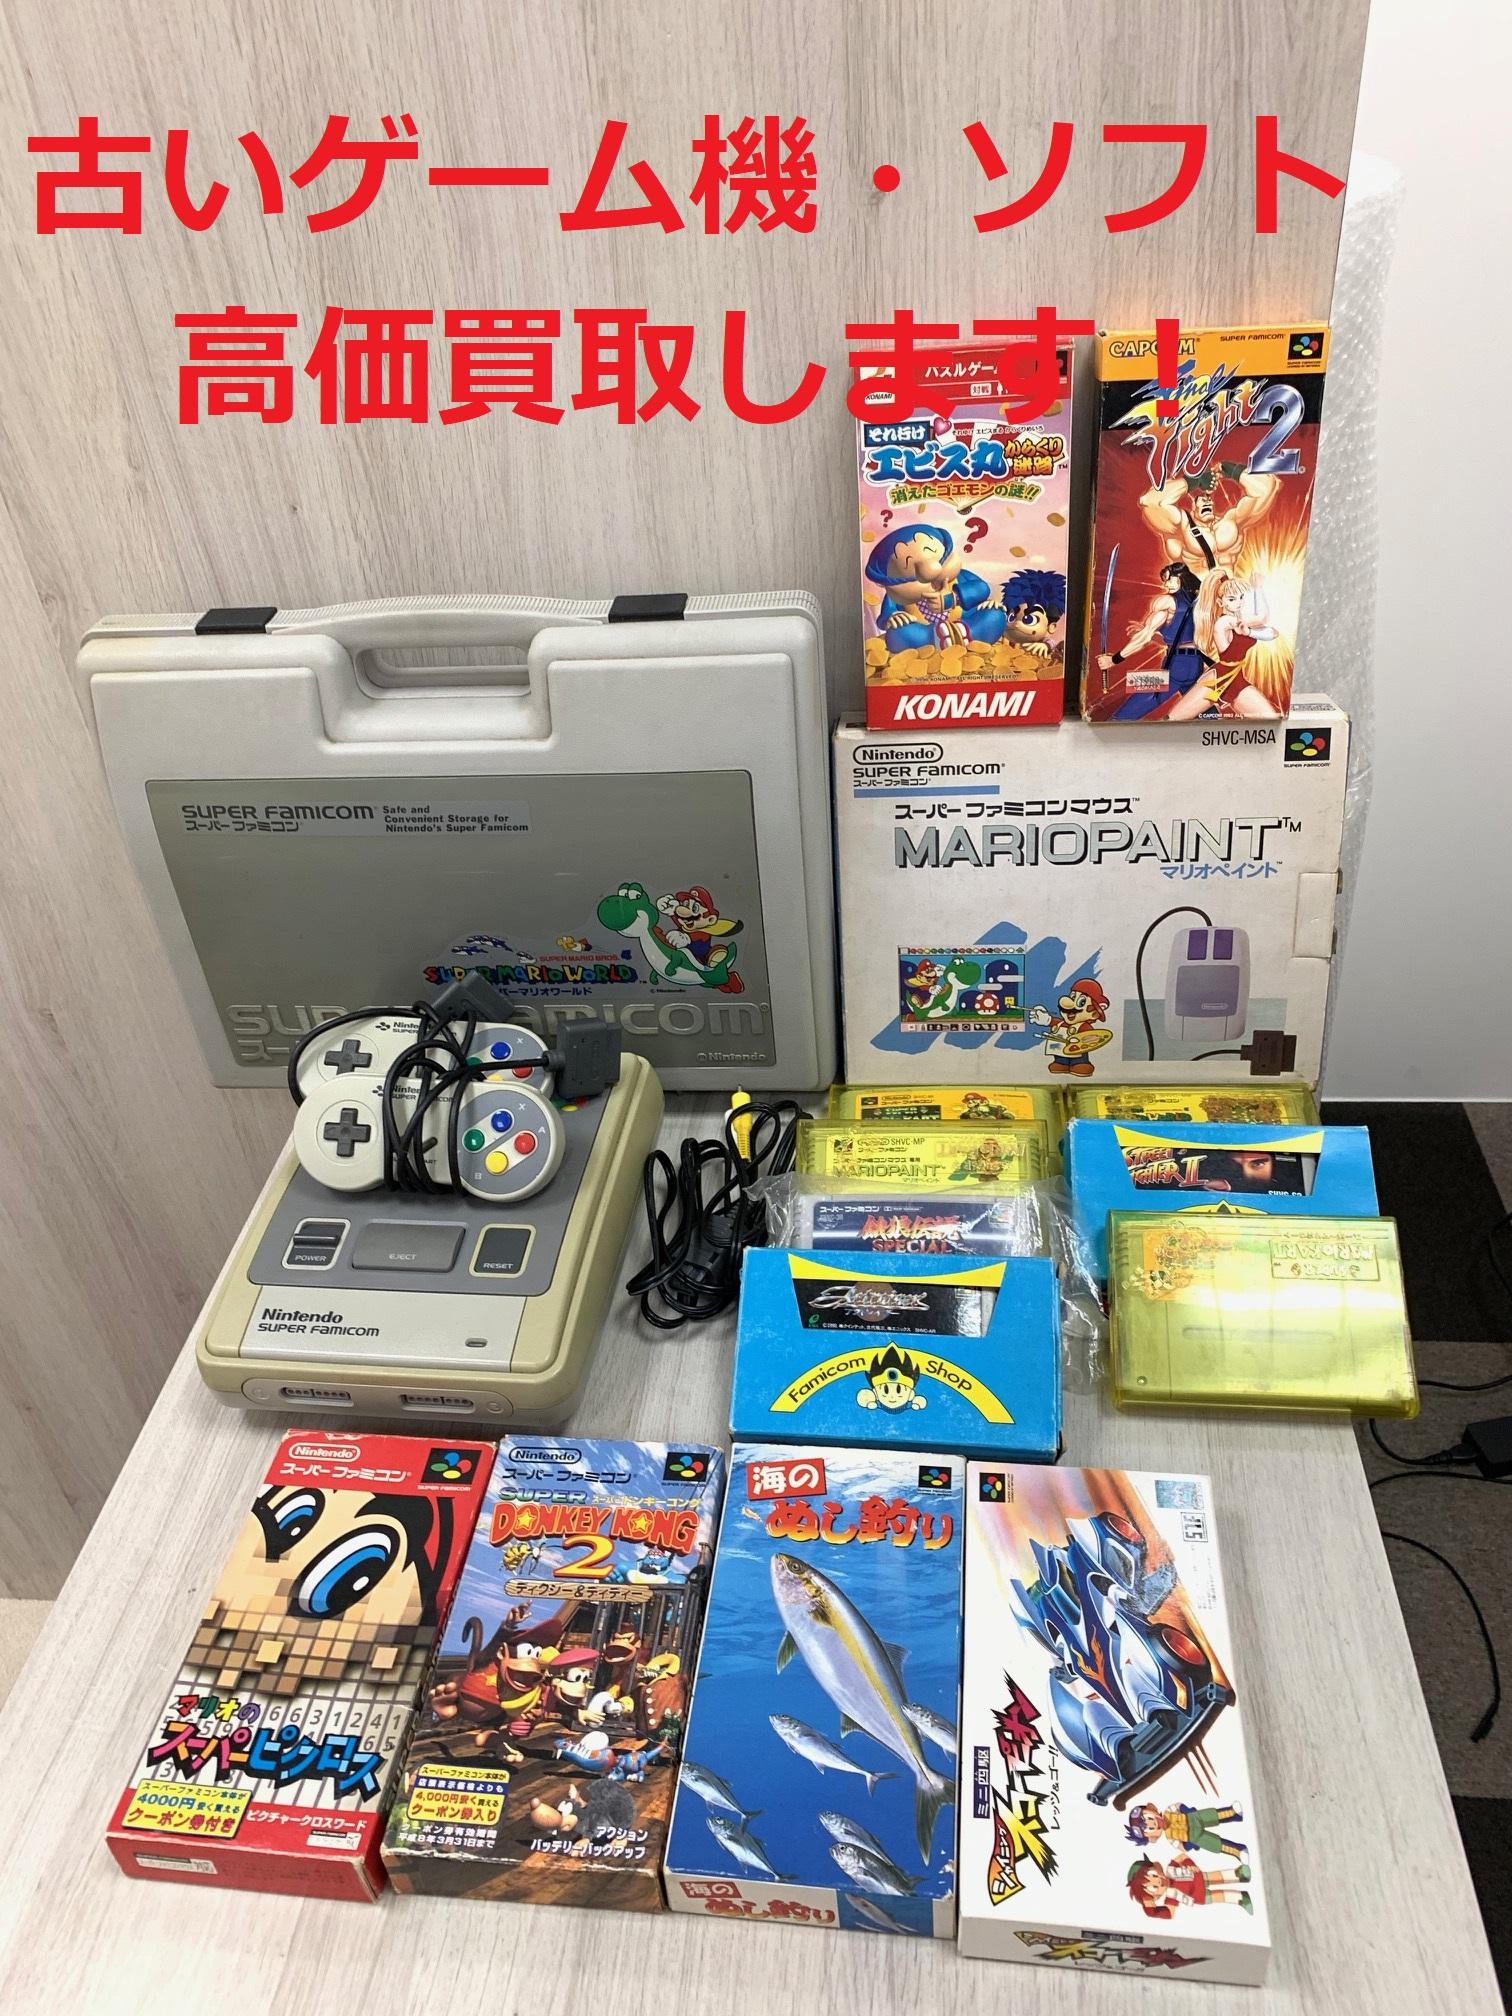 買取わかばイオン藤沢湘南ライフタウン店古いゲーム・ソフト高価買取させて頂きます!箱無し・付属品無い状態でも大大大歓迎です!!